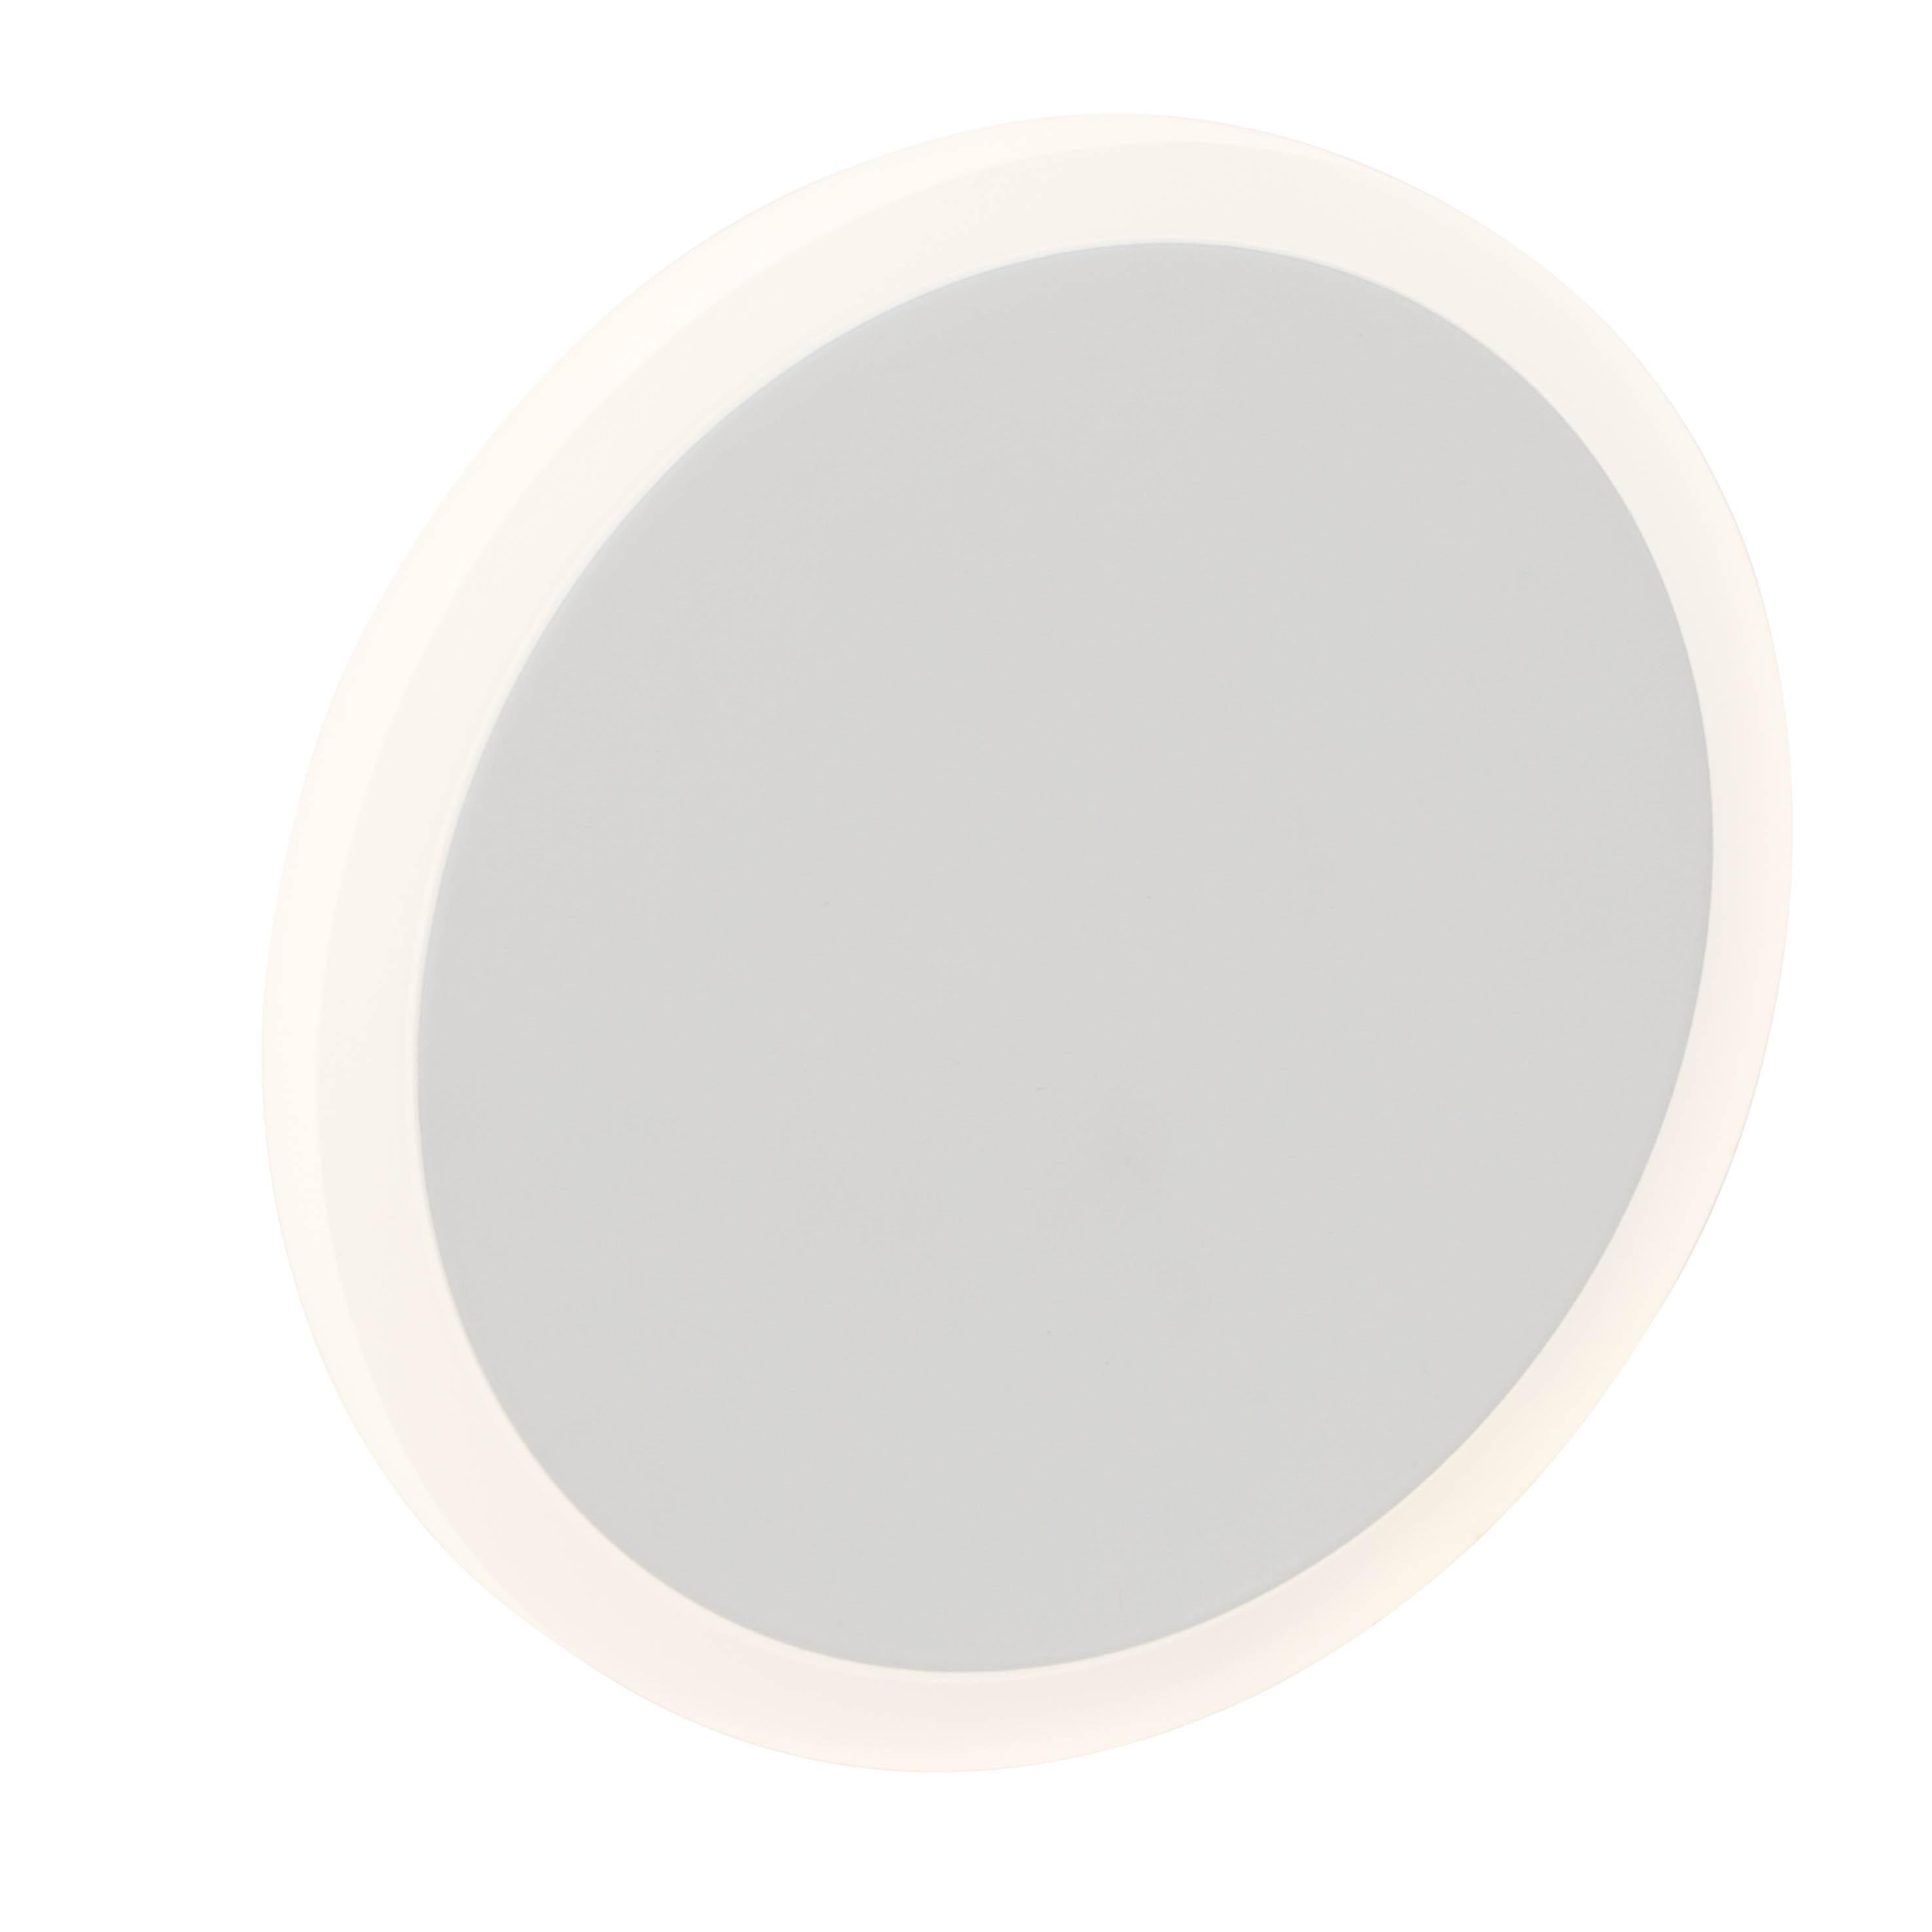 AEG Mala LED Wandleuchte weiß